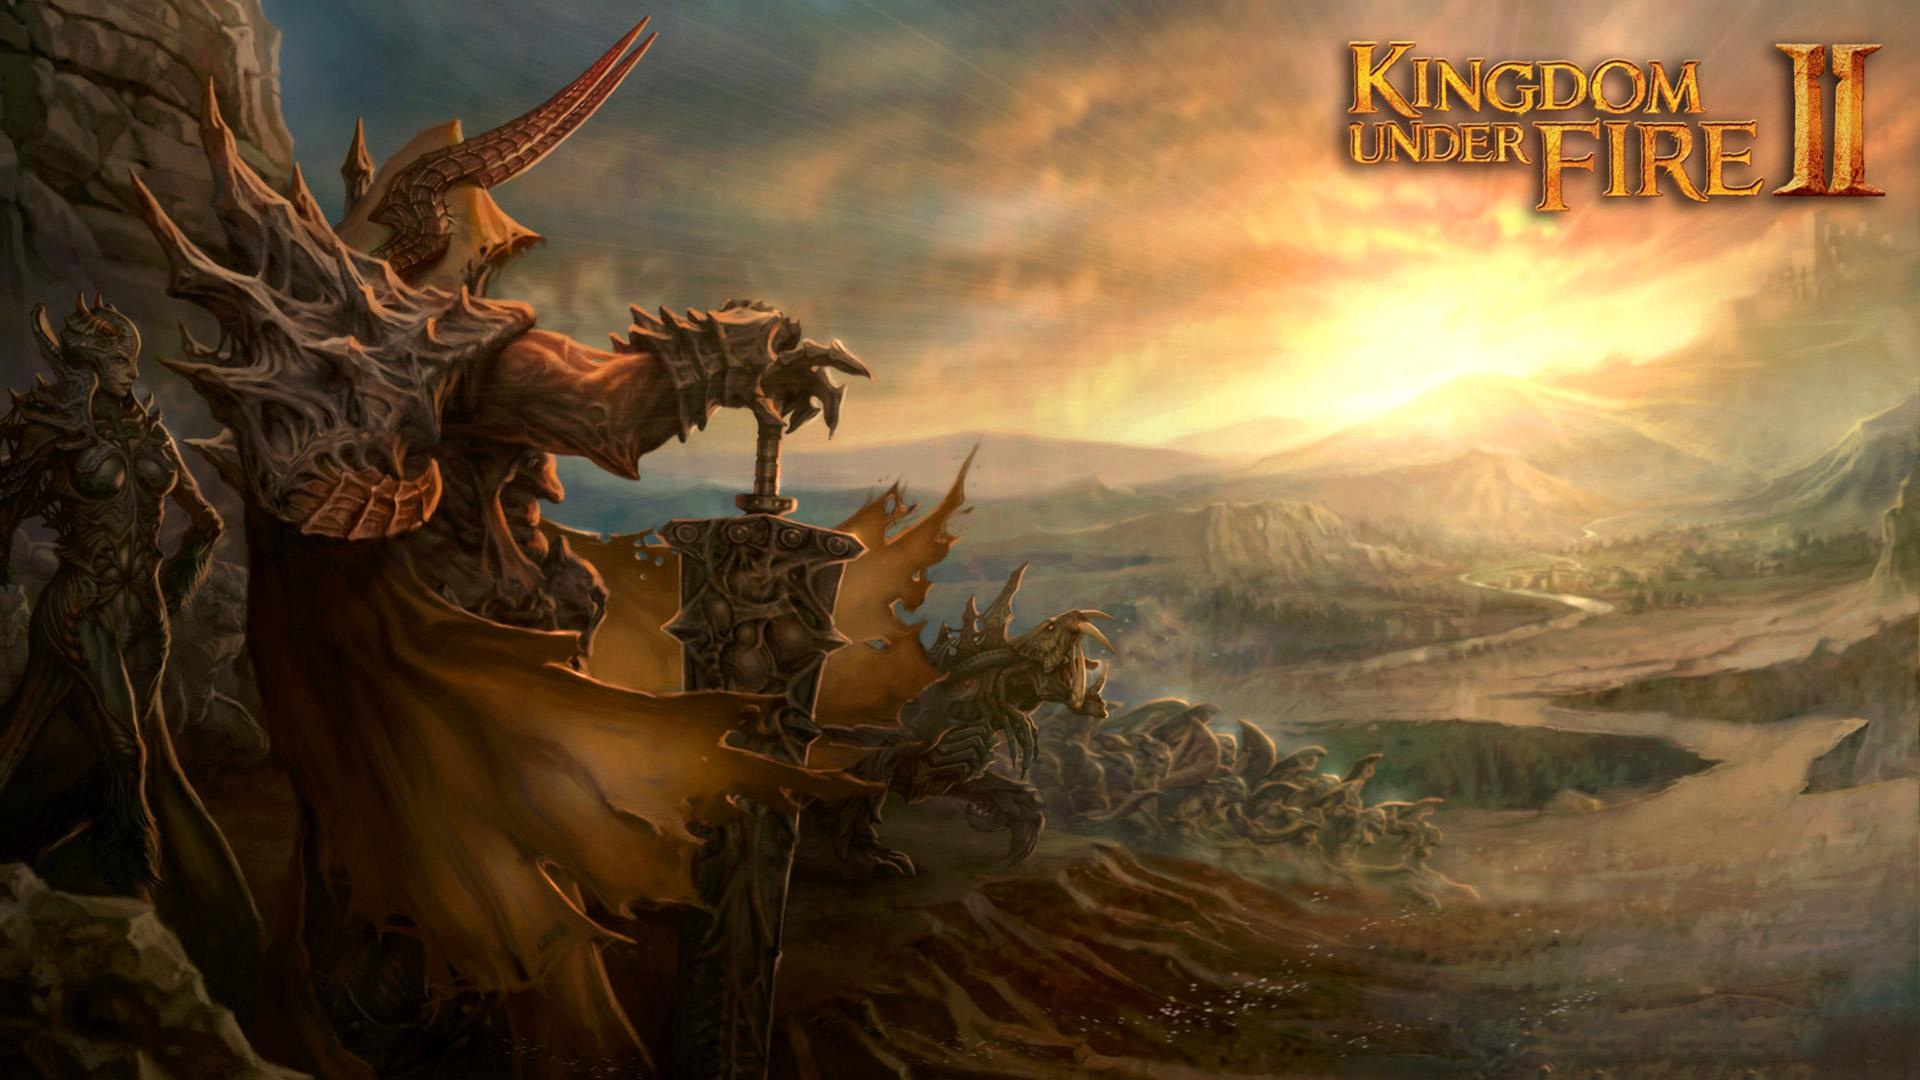 Kingdom Under Fire II Wallpaper in 1920x1080